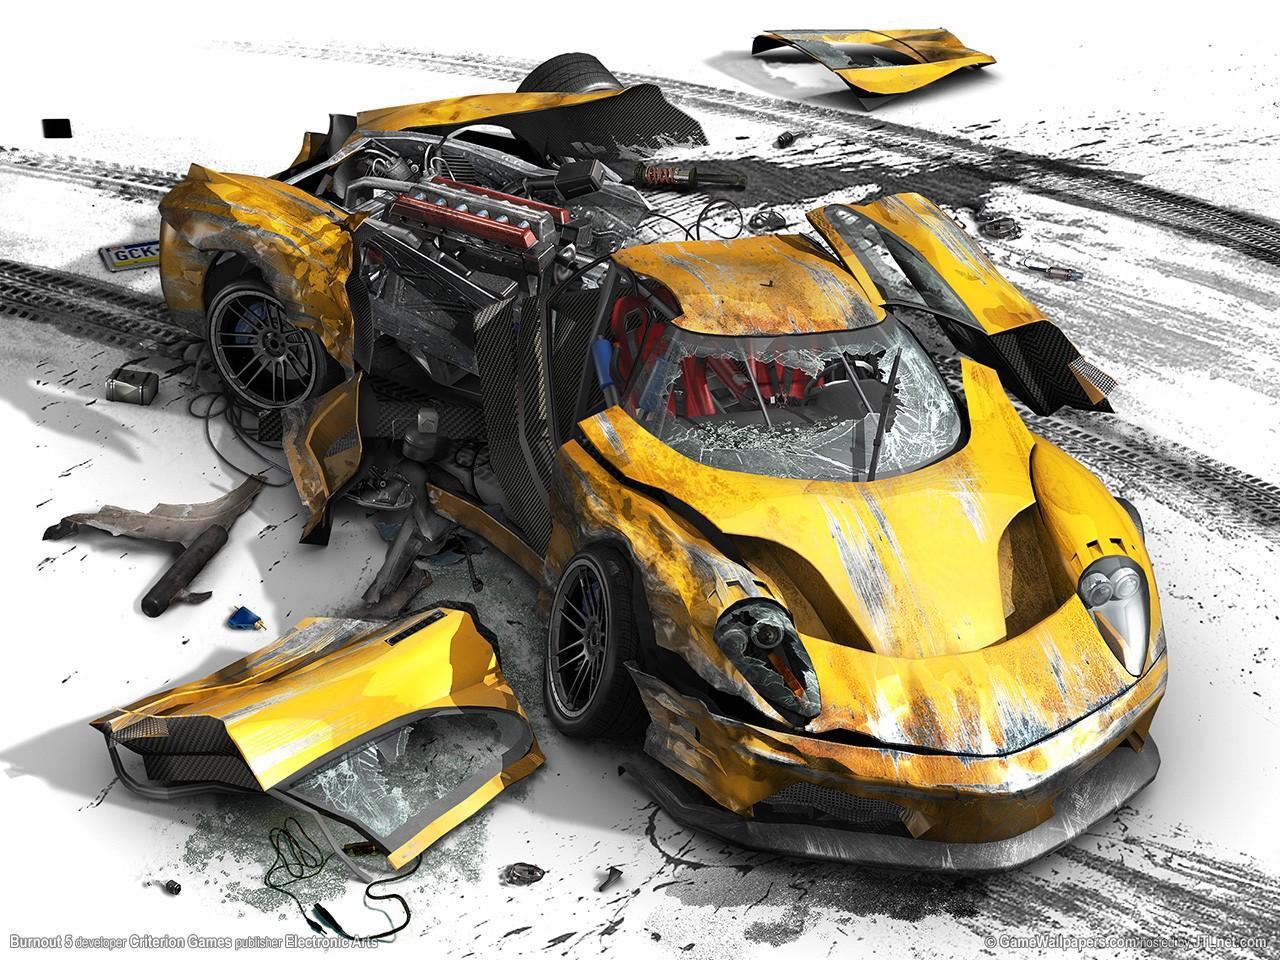 Wallpaper Vehicle Toy Sports Car Crash Destruction Burnout